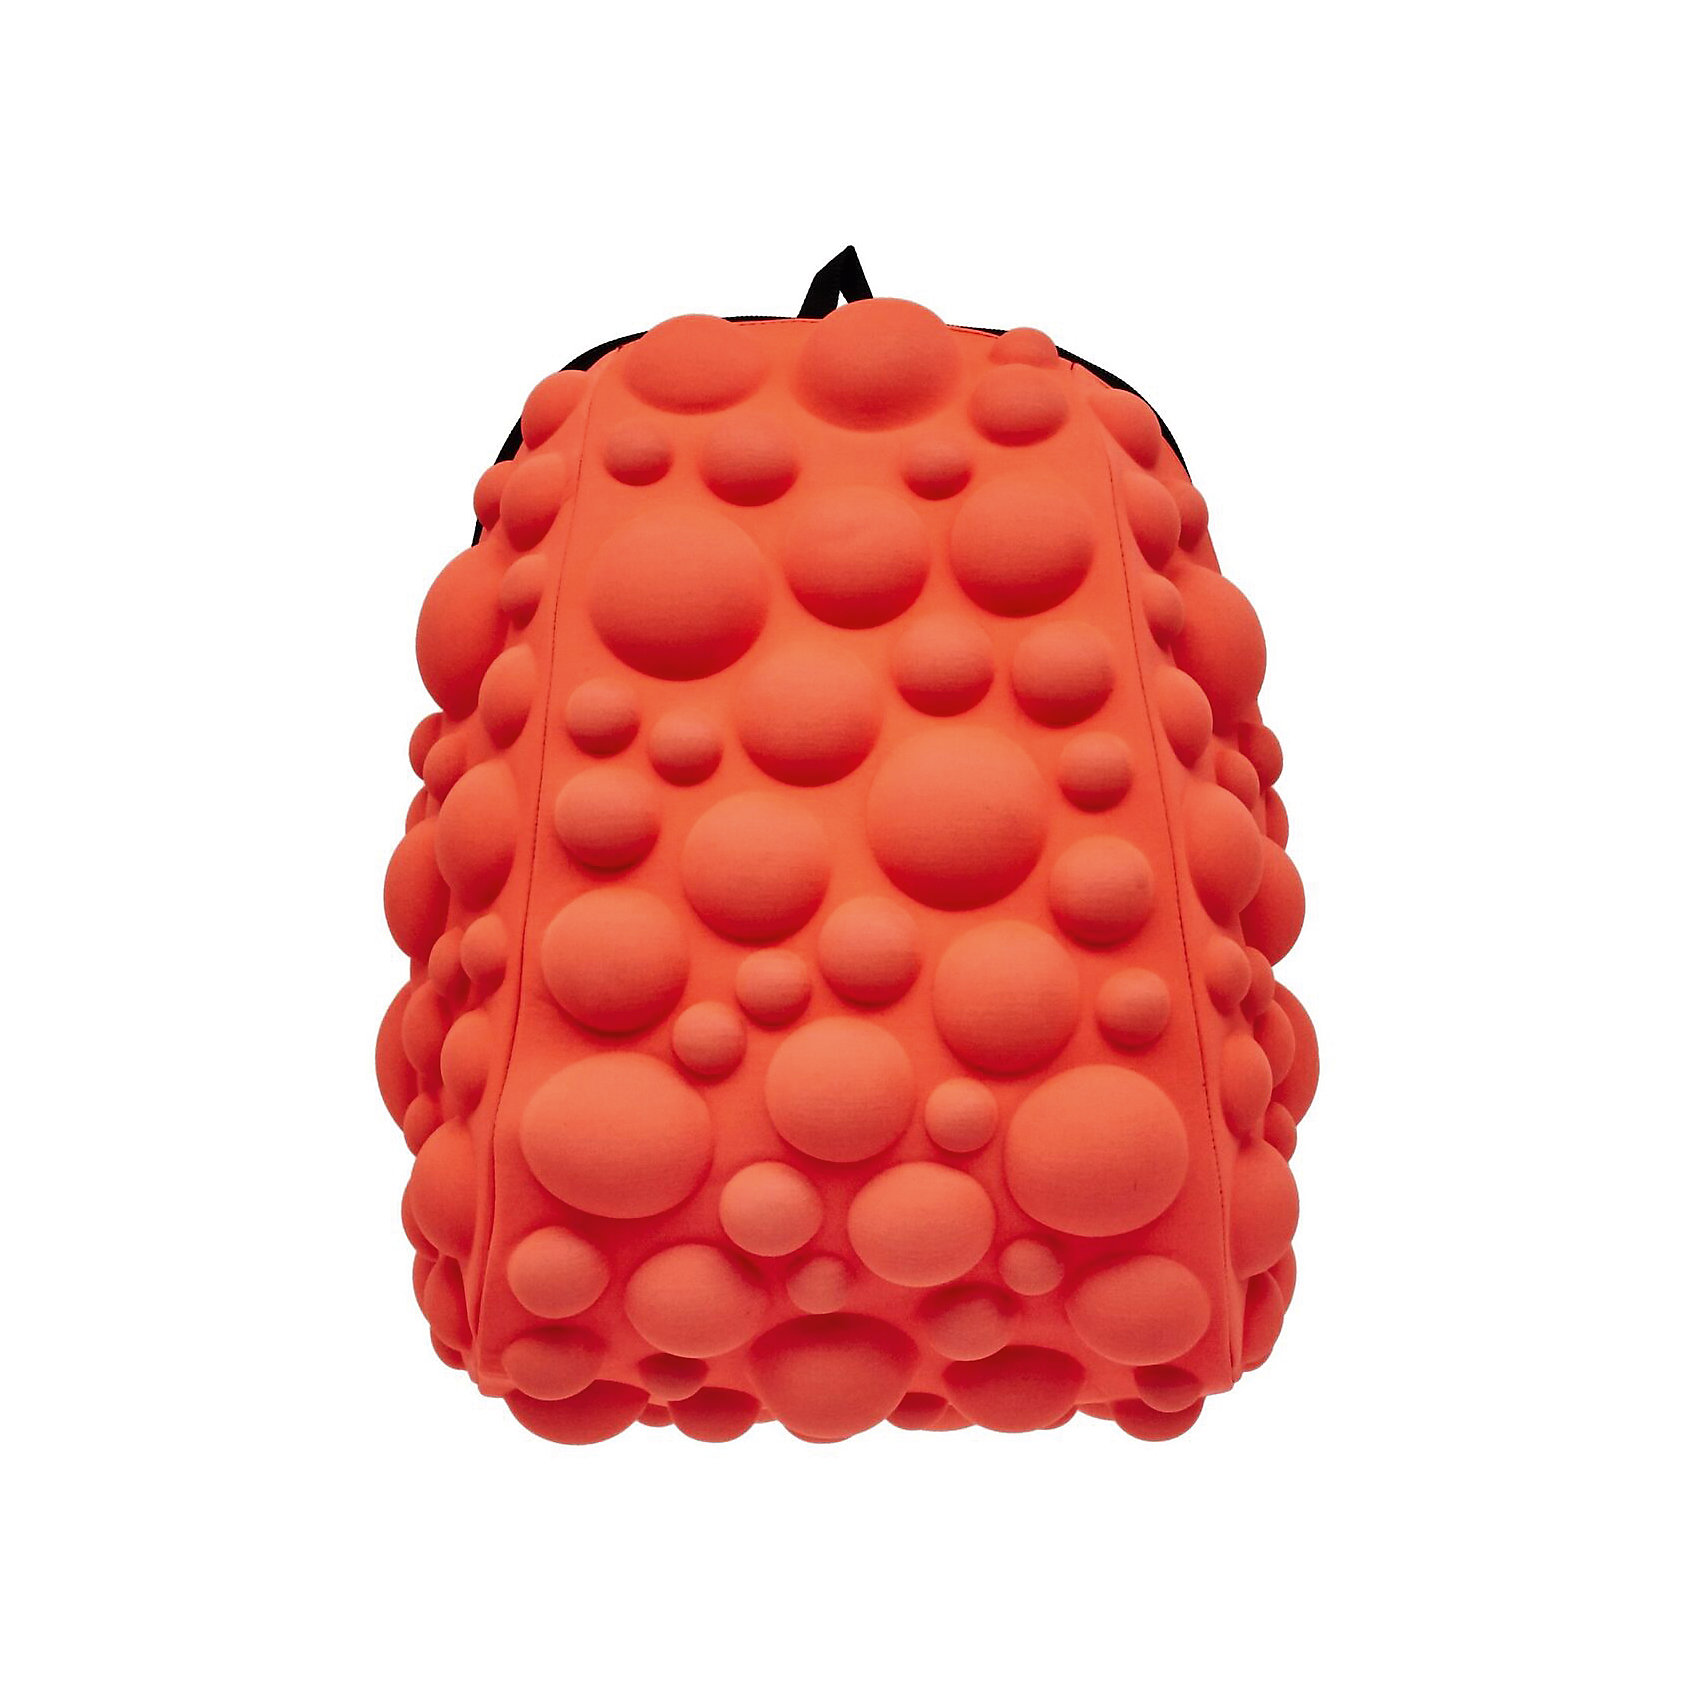 Рюкзак Bubble Half, цвет NEON оранжево-персиковыйРюкзаки<br>Характеристики товара:<br><br>• цвет: Neon оранжево - персиковый;<br>• возраст: от 3 лет;<br>• особенности модели: с пузырями;<br>• вес: 0,6 кг;<br>• размер: 36х31х15 см;<br>• материал: полиспандекс; <br>• ортопедическая спинка;<br>• страна бренда: США;<br>• страна изготовитель: Китай.<br><br>Яркие стильные и современные рюкзаки с пузырьками от американского бренда MadPax станут неотъемлемой частью модного образа вашего ребенка.<br><br>Рюкзак довольно вместительный, внутри два отделения: большое и поменьше для папки формата А4 или планшета с диагональю до 13 дюймов.  Эргономичные ручки дают возможность без лишних усилий переносить тяжелый рюкзак за спиной. <br><br>Лямки оснащены фиксатором в области груди. Вентилируемым материал на ортопедической спинке создаст комфорт. Этот рюкзак придаст индивидуальность и неповторимый стиль его владельцу.<br><br>Рюкзак «Bubble Half» можно купить в нашем интернет-магазине.<br><br>Ширина мм: 360<br>Глубина мм: 310<br>Высота мм: 150<br>Вес г: 600<br>Возраст от месяцев: 36<br>Возраст до месяцев: 720<br>Пол: Унисекс<br>Возраст: Детский<br>SKU: 7054059